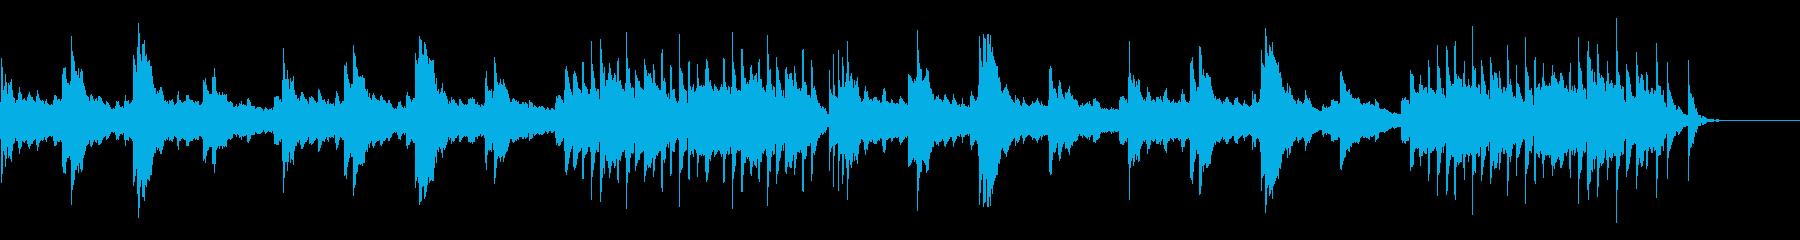 琴を使った和風なイージーリスニングです。の再生済みの波形